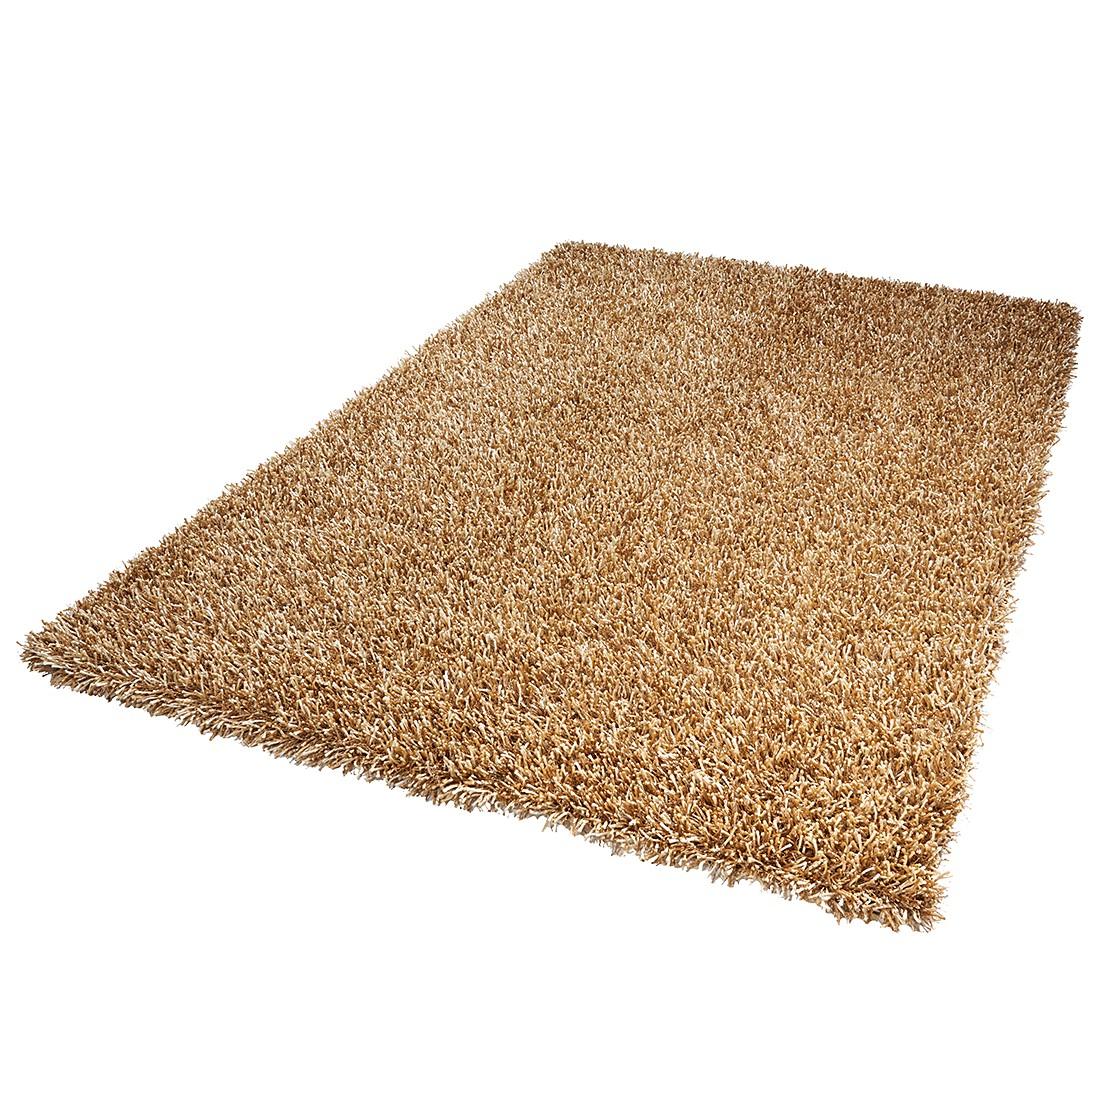 Teppich Corado – Beige – 130 x 190 cm, DEKOWE kaufen